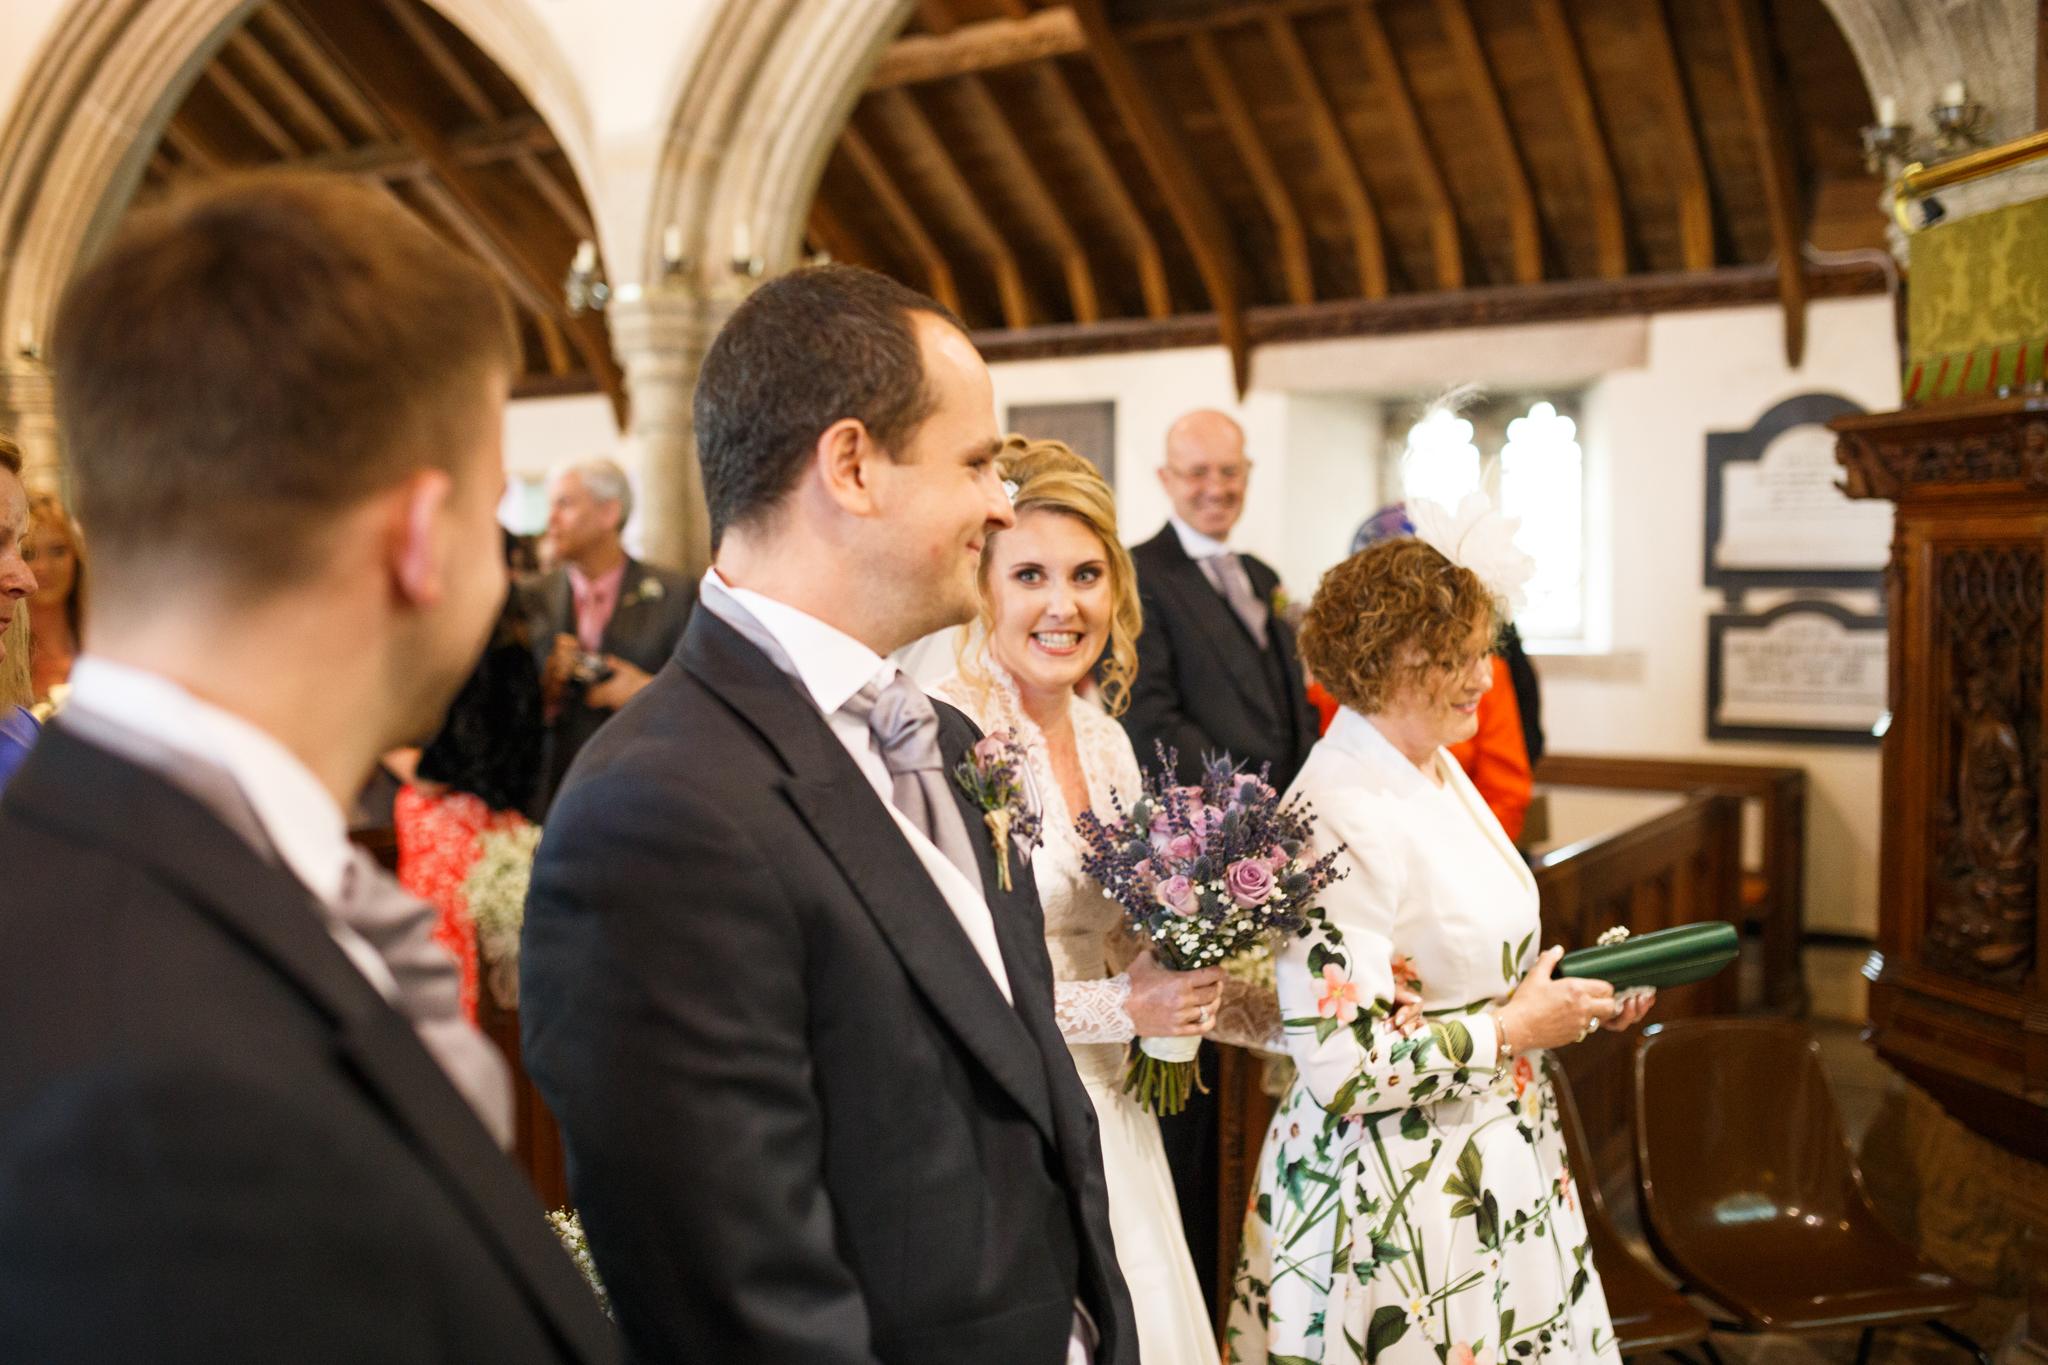 Simon_Rawling_Wedding_Photography-263.jpg